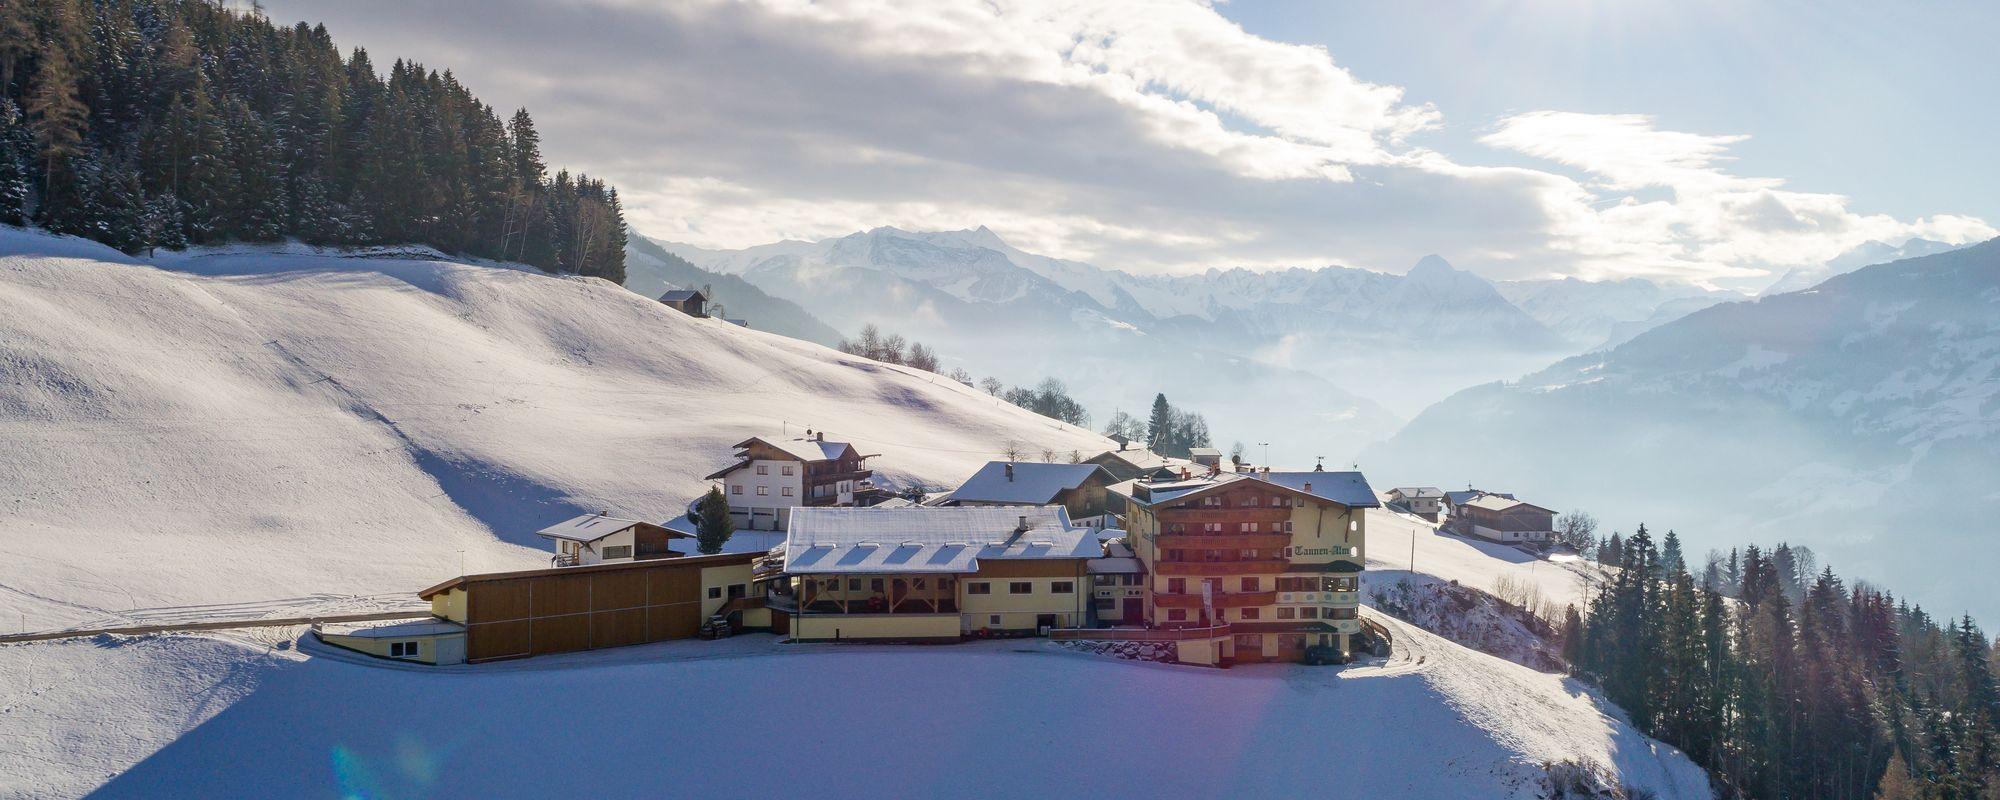 Aussenaufnahme der Tannenalm mit schneebedeckten Hängen und strahlendem Winterhimmel